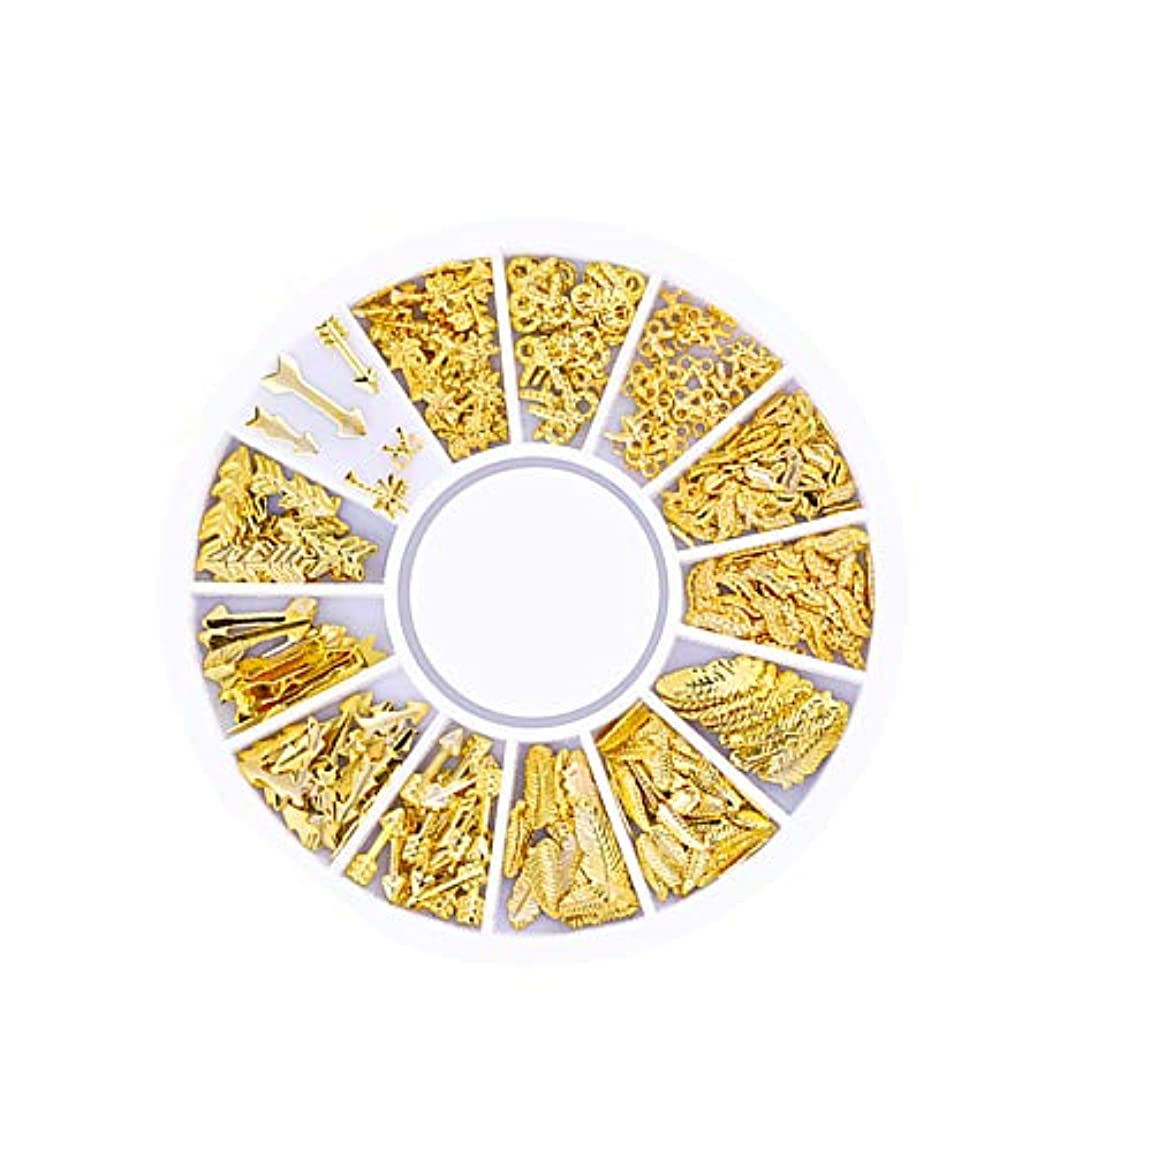 地域のキリスト教裏切り200カウント/バッグネイルステッカー3Dミニメタルスタッド魅力的なグリッターネイル用品DIYネイルファッション装飾的なレトロシリーズ